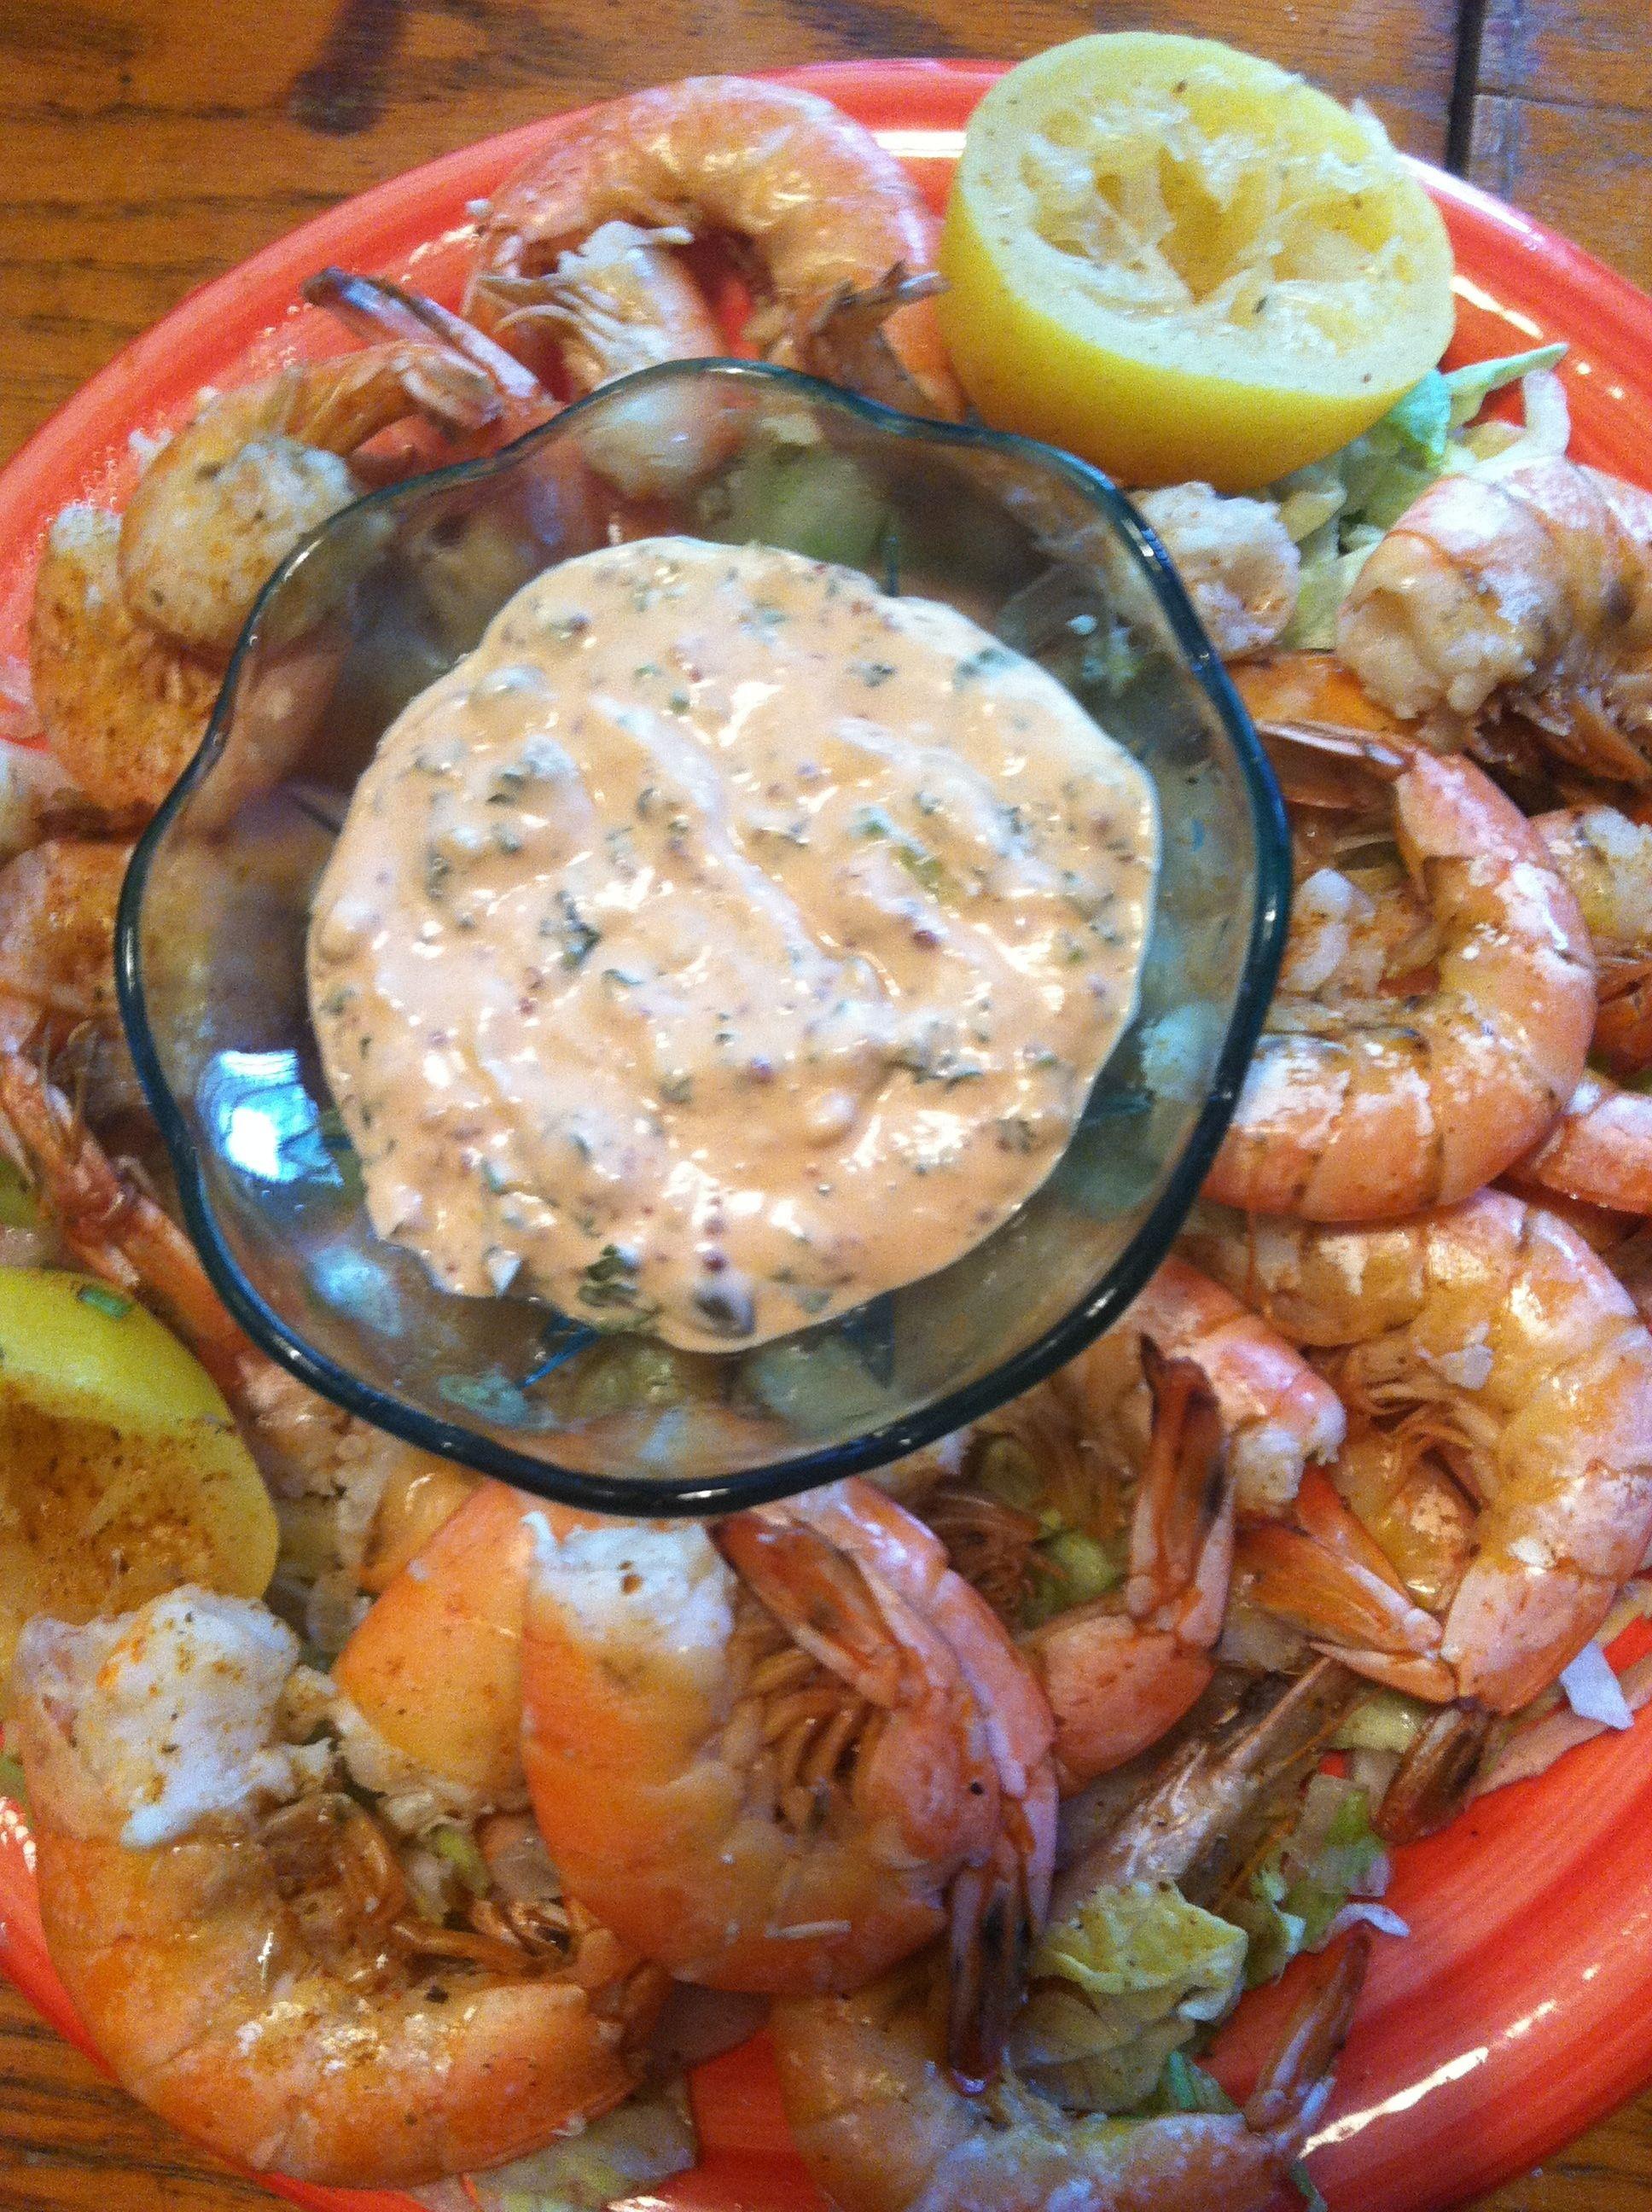 Shrimp dipping sauce